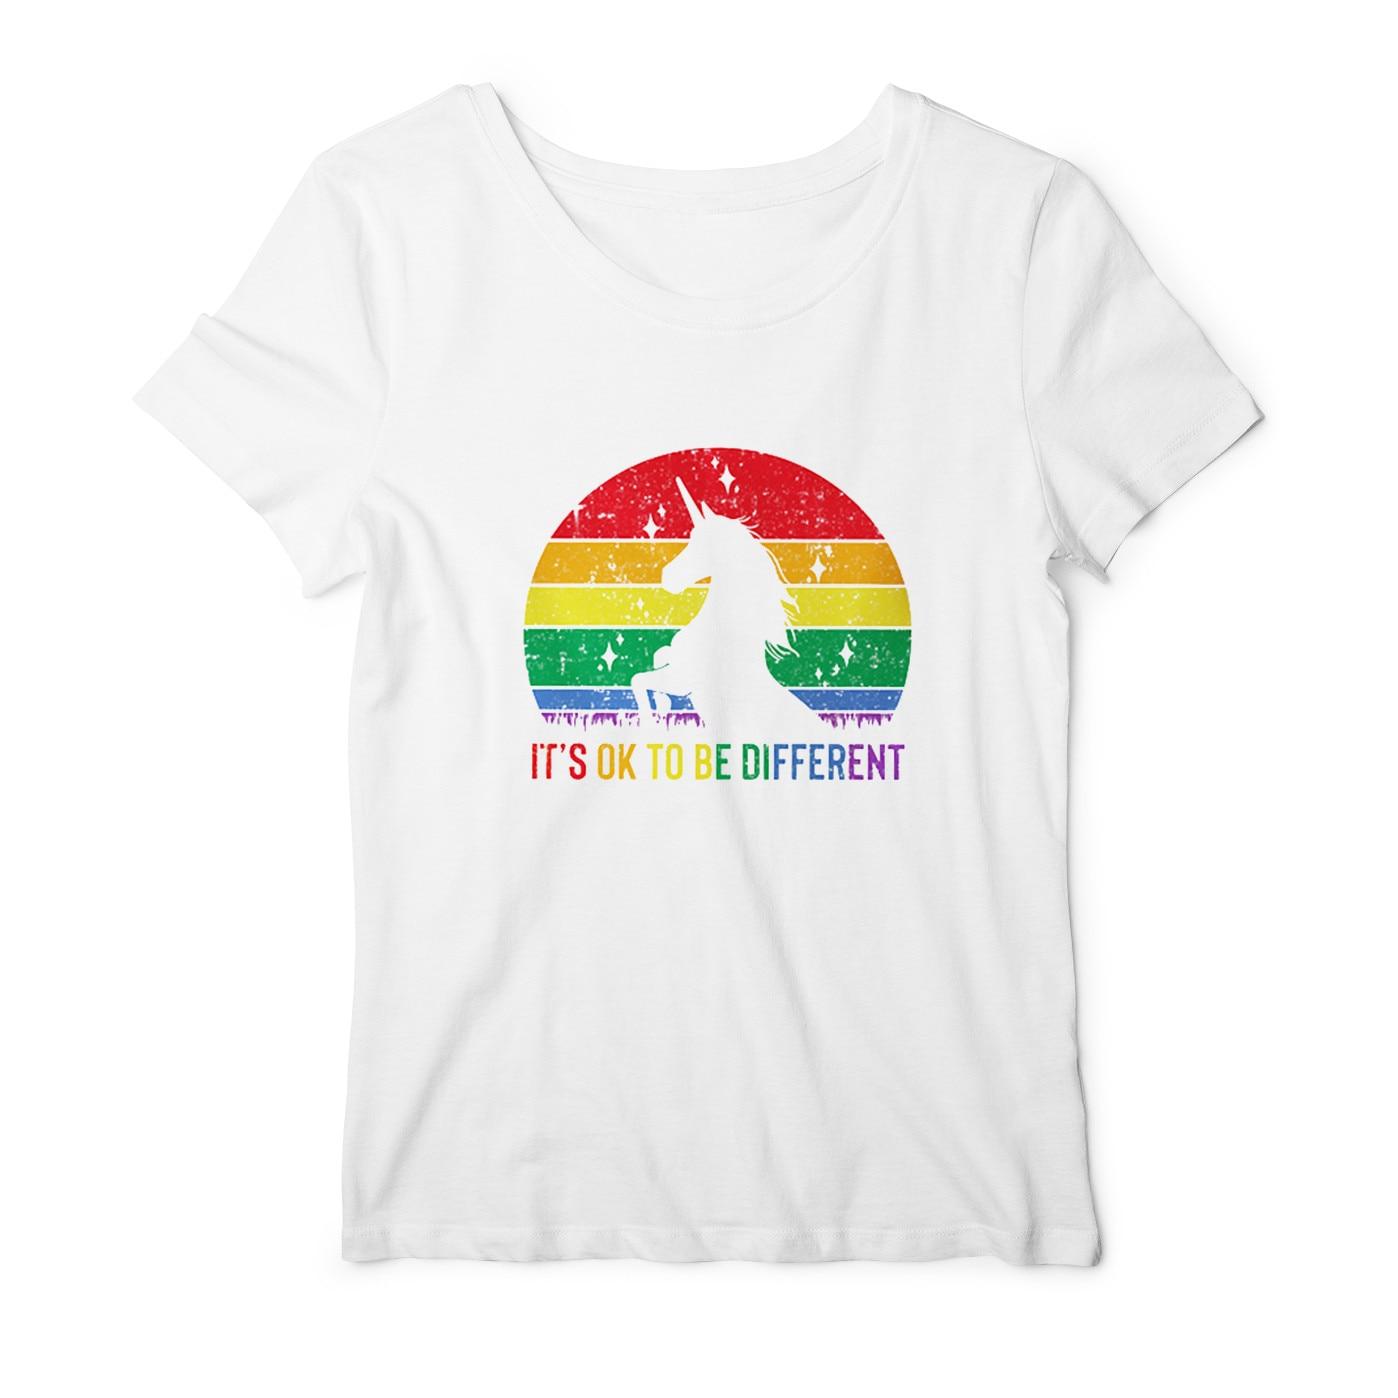 TO jest OK, aby być różne T Shirt miłość podaje ją do kolegów kobiet biseksualnych lesbijek gejów miłość TO miłość kobiet lesbijek Rainbow Top tshirt